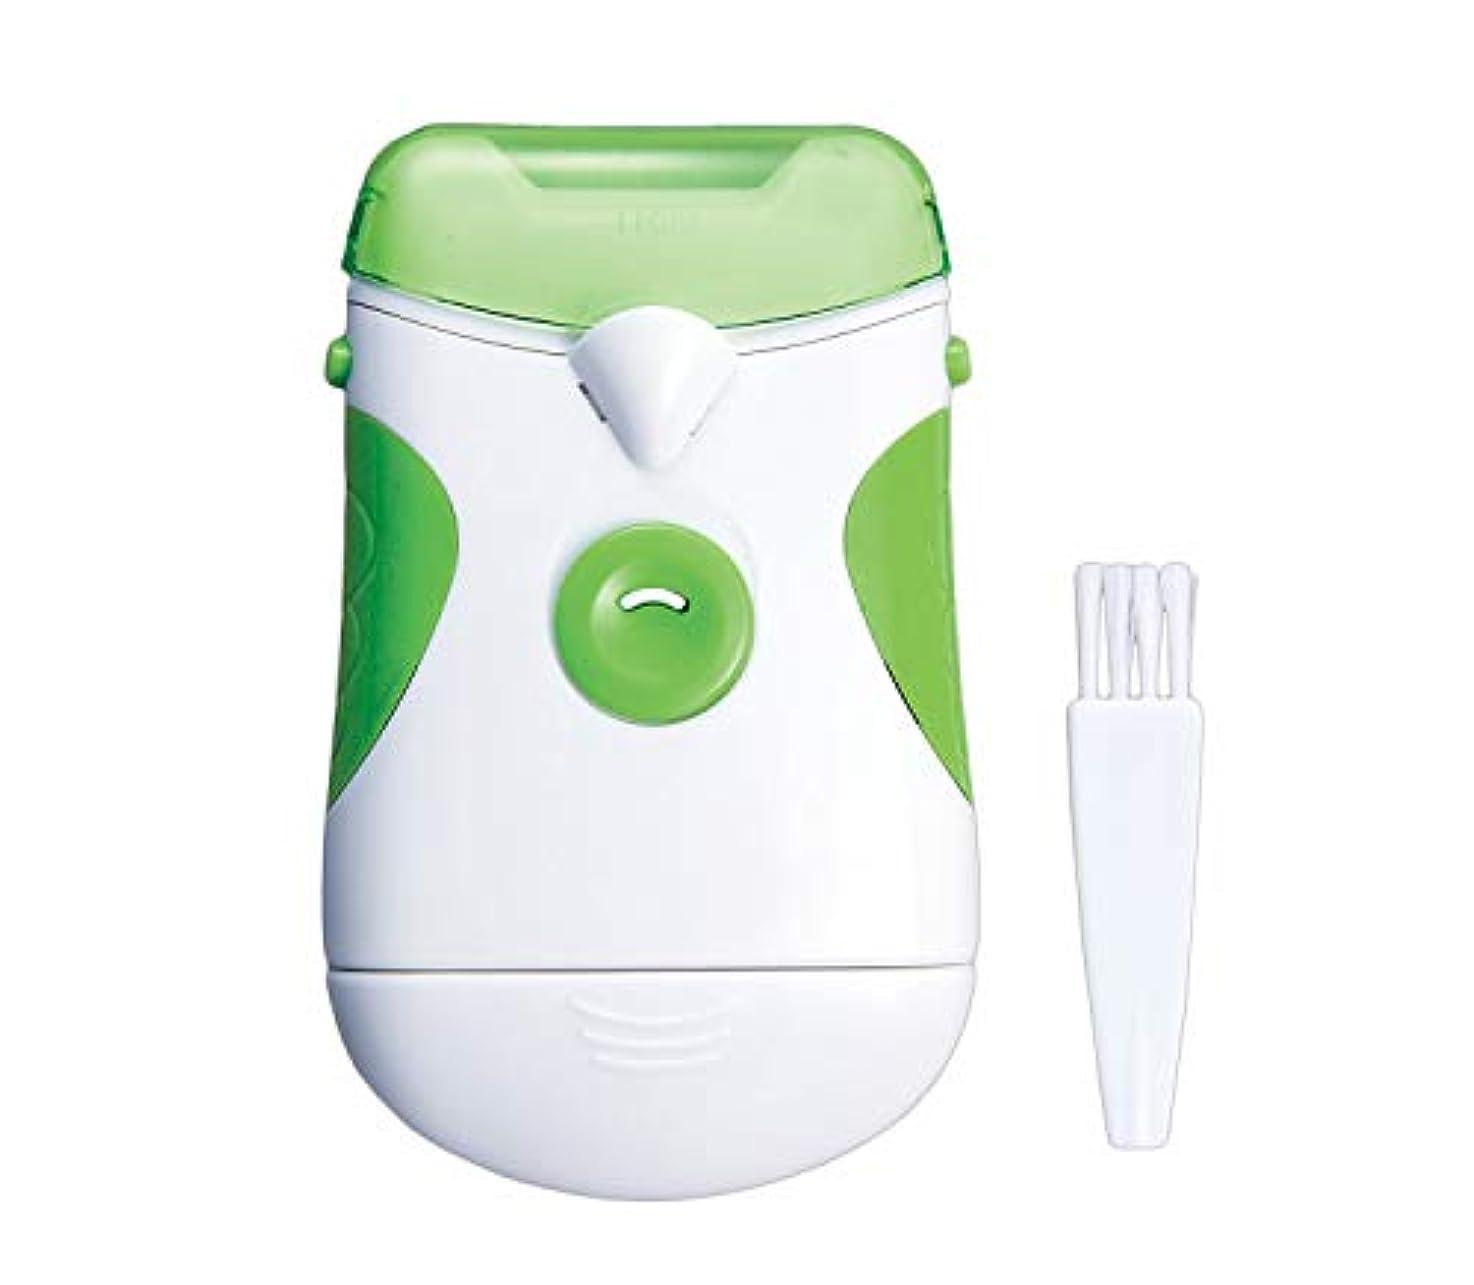 バーガー血色の良い傾向があります電動爪やすり(ライト付) つめやすり 電池式 コードレス 足の爪 老眼 ネイルケア 水洗い可 単三乾電池